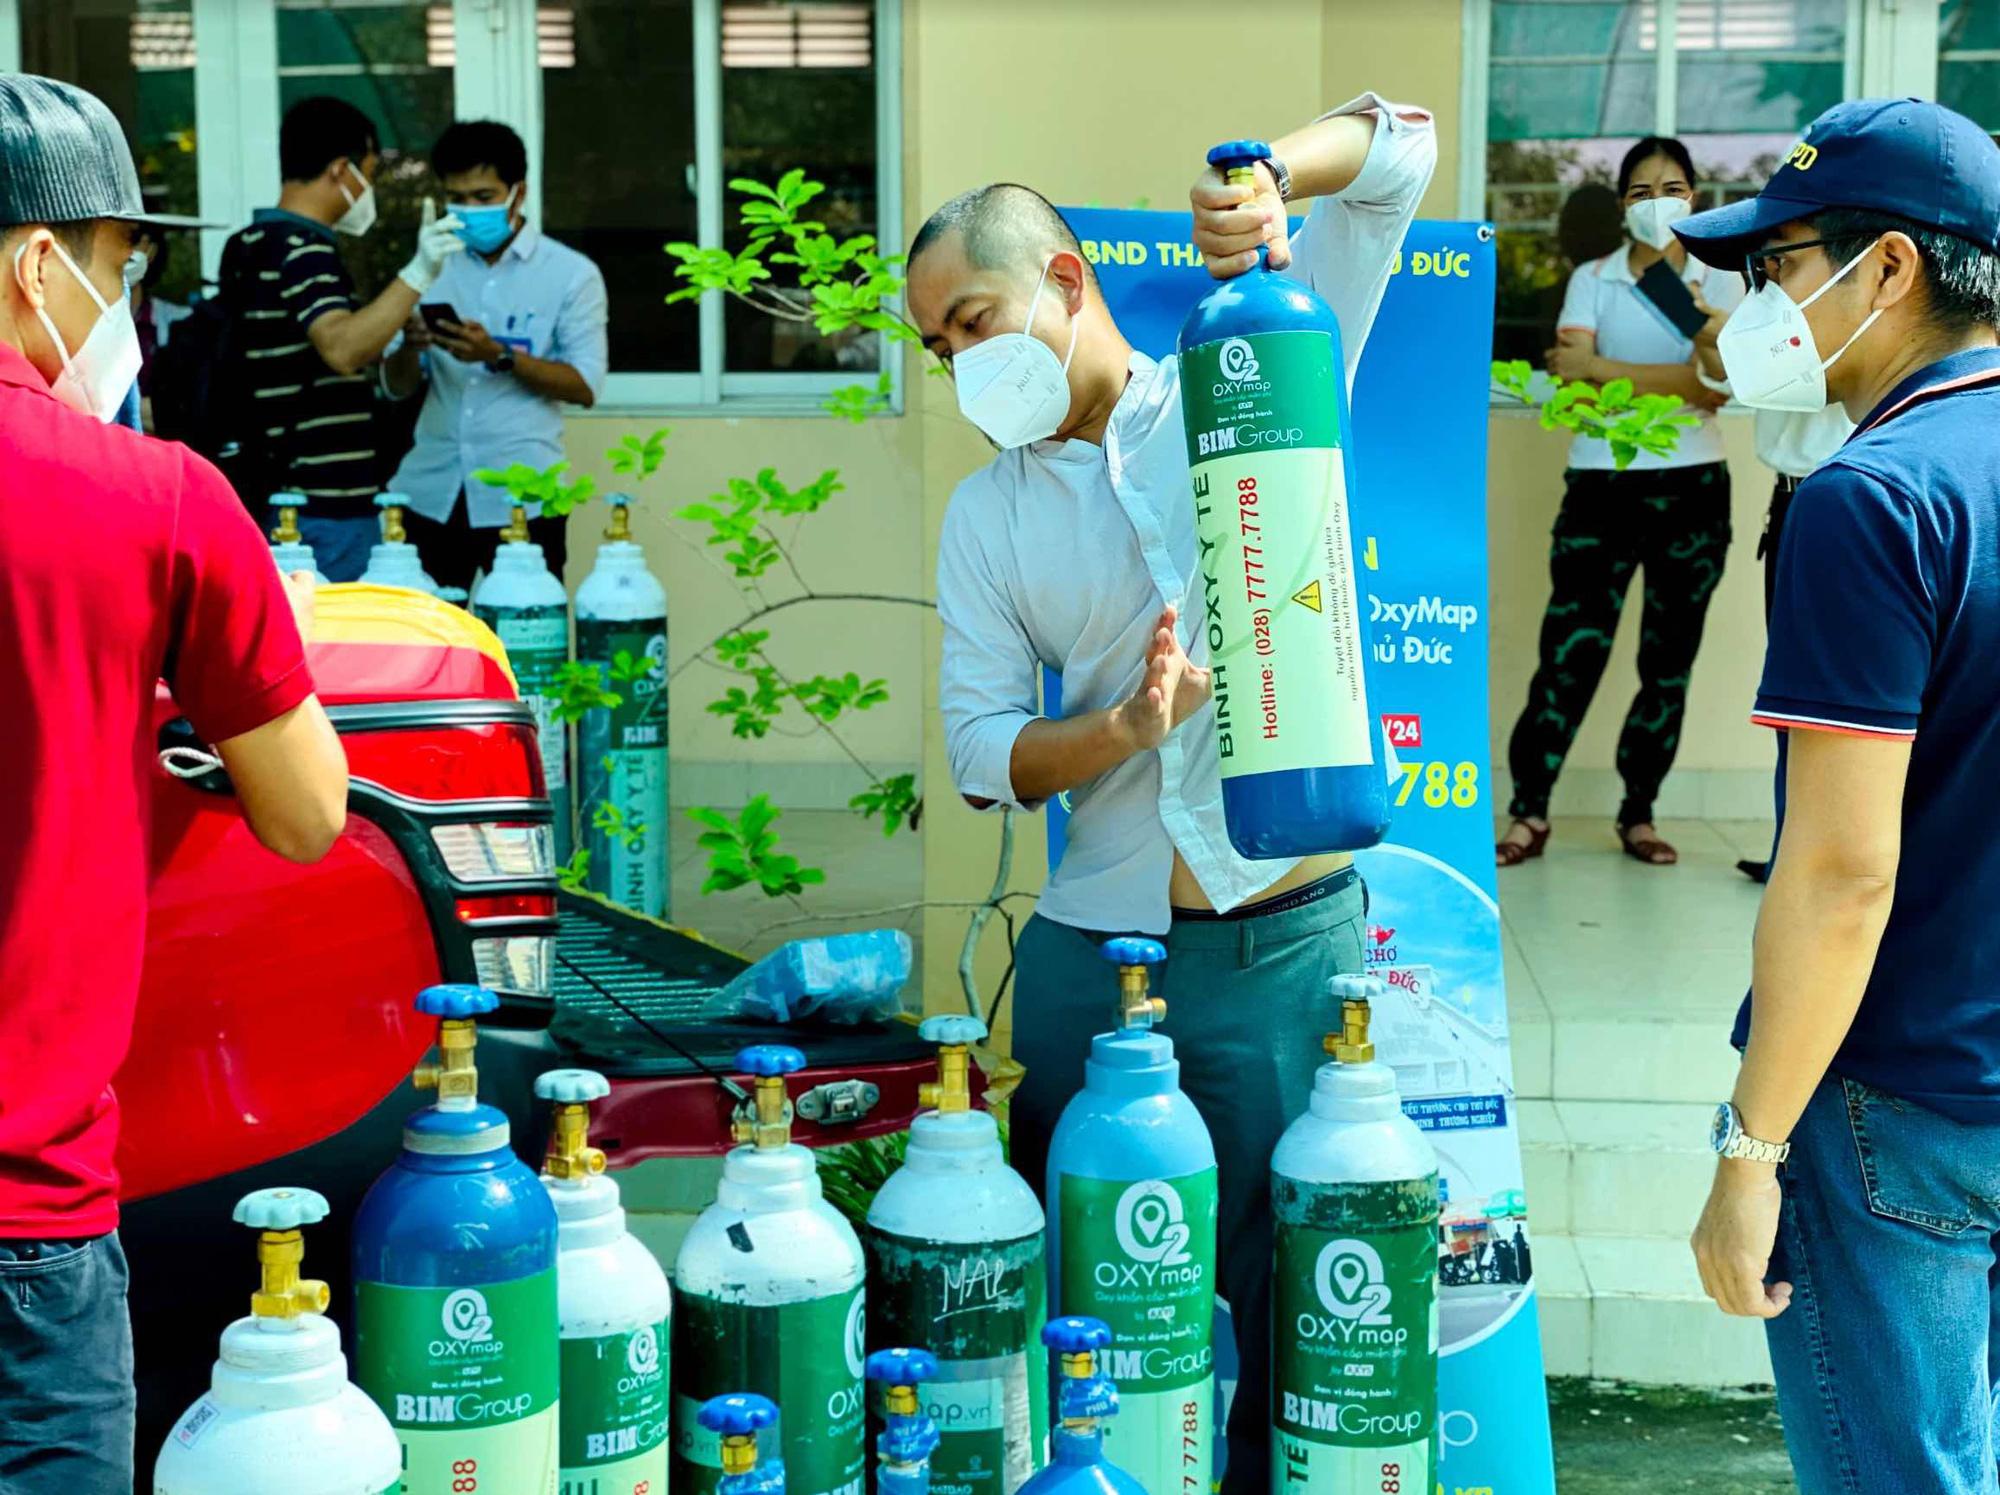 Website đăng ký nhận bình oxy ở TP. Thủ Đức - Ảnh 1.